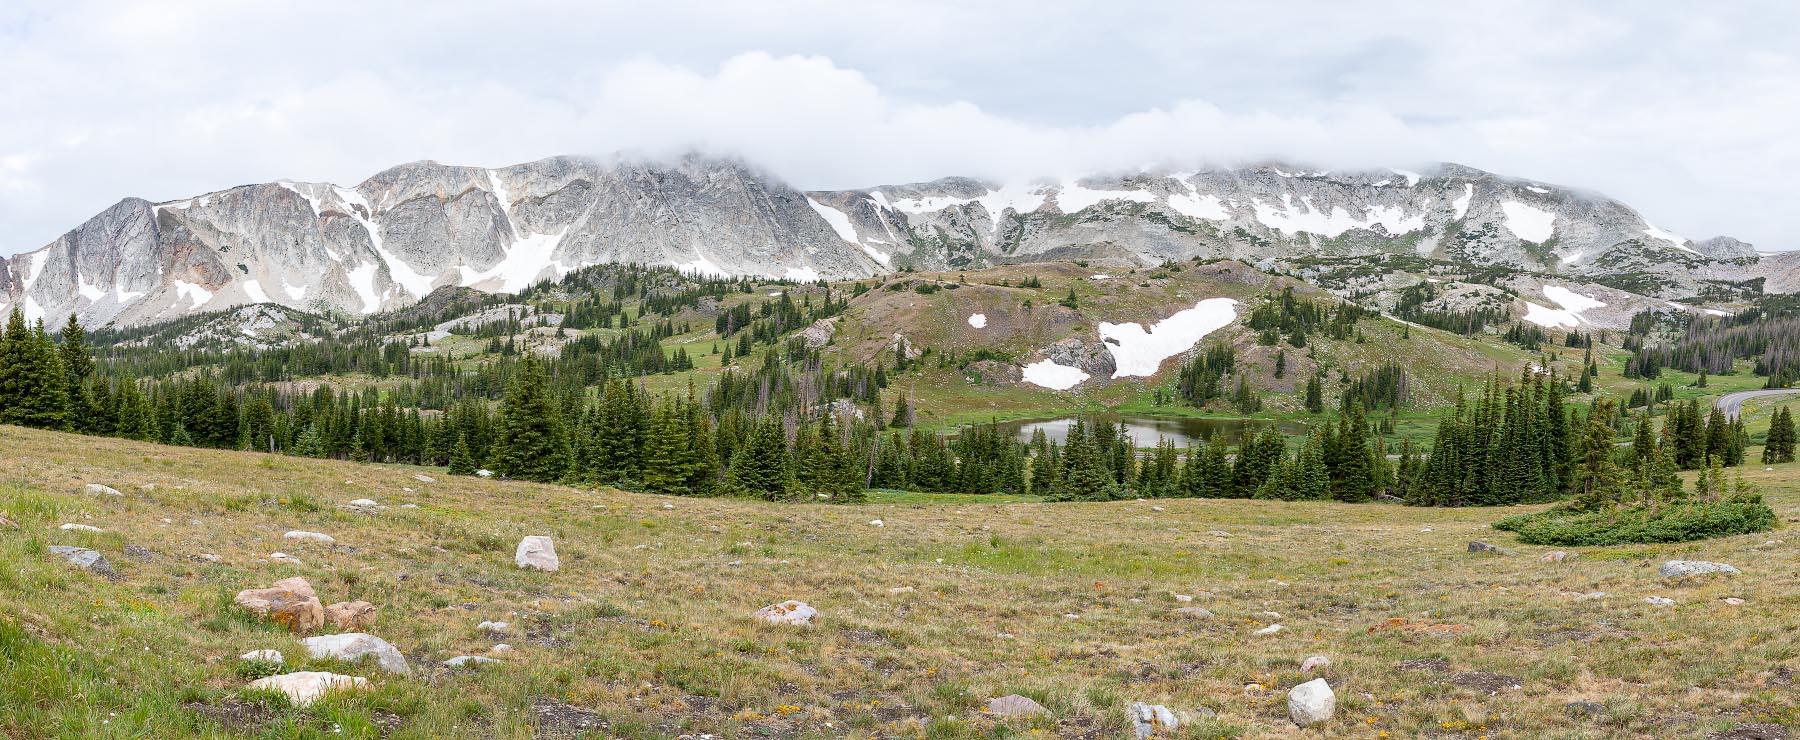 Snowy Range pano Wyoming